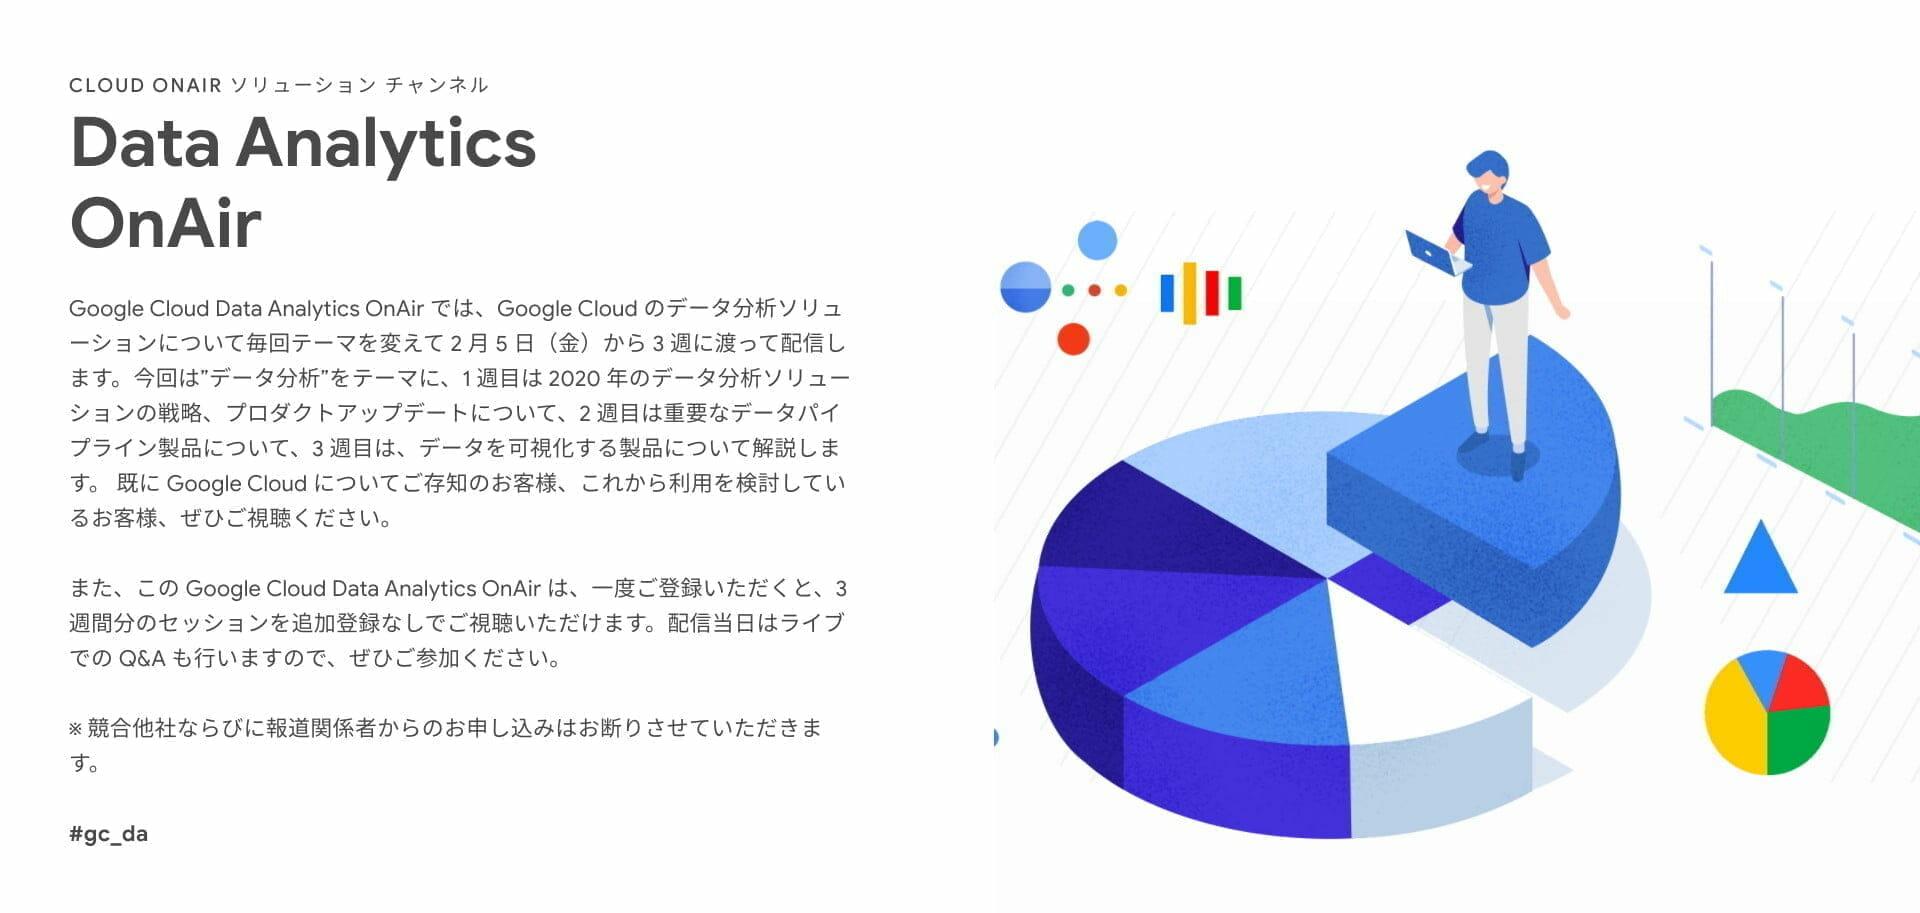 [GCP] Data Analytics OnAir